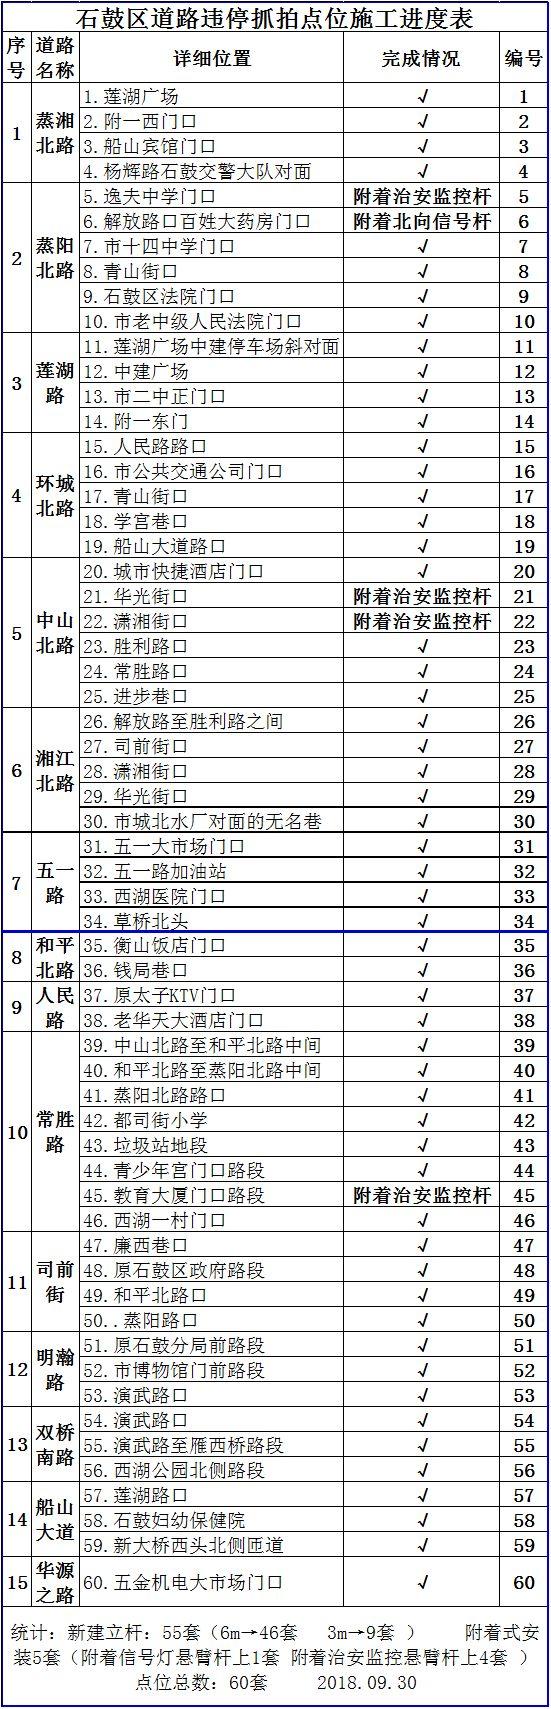 衡阳市将新增243处电子电棍设备!车主请一定注意!